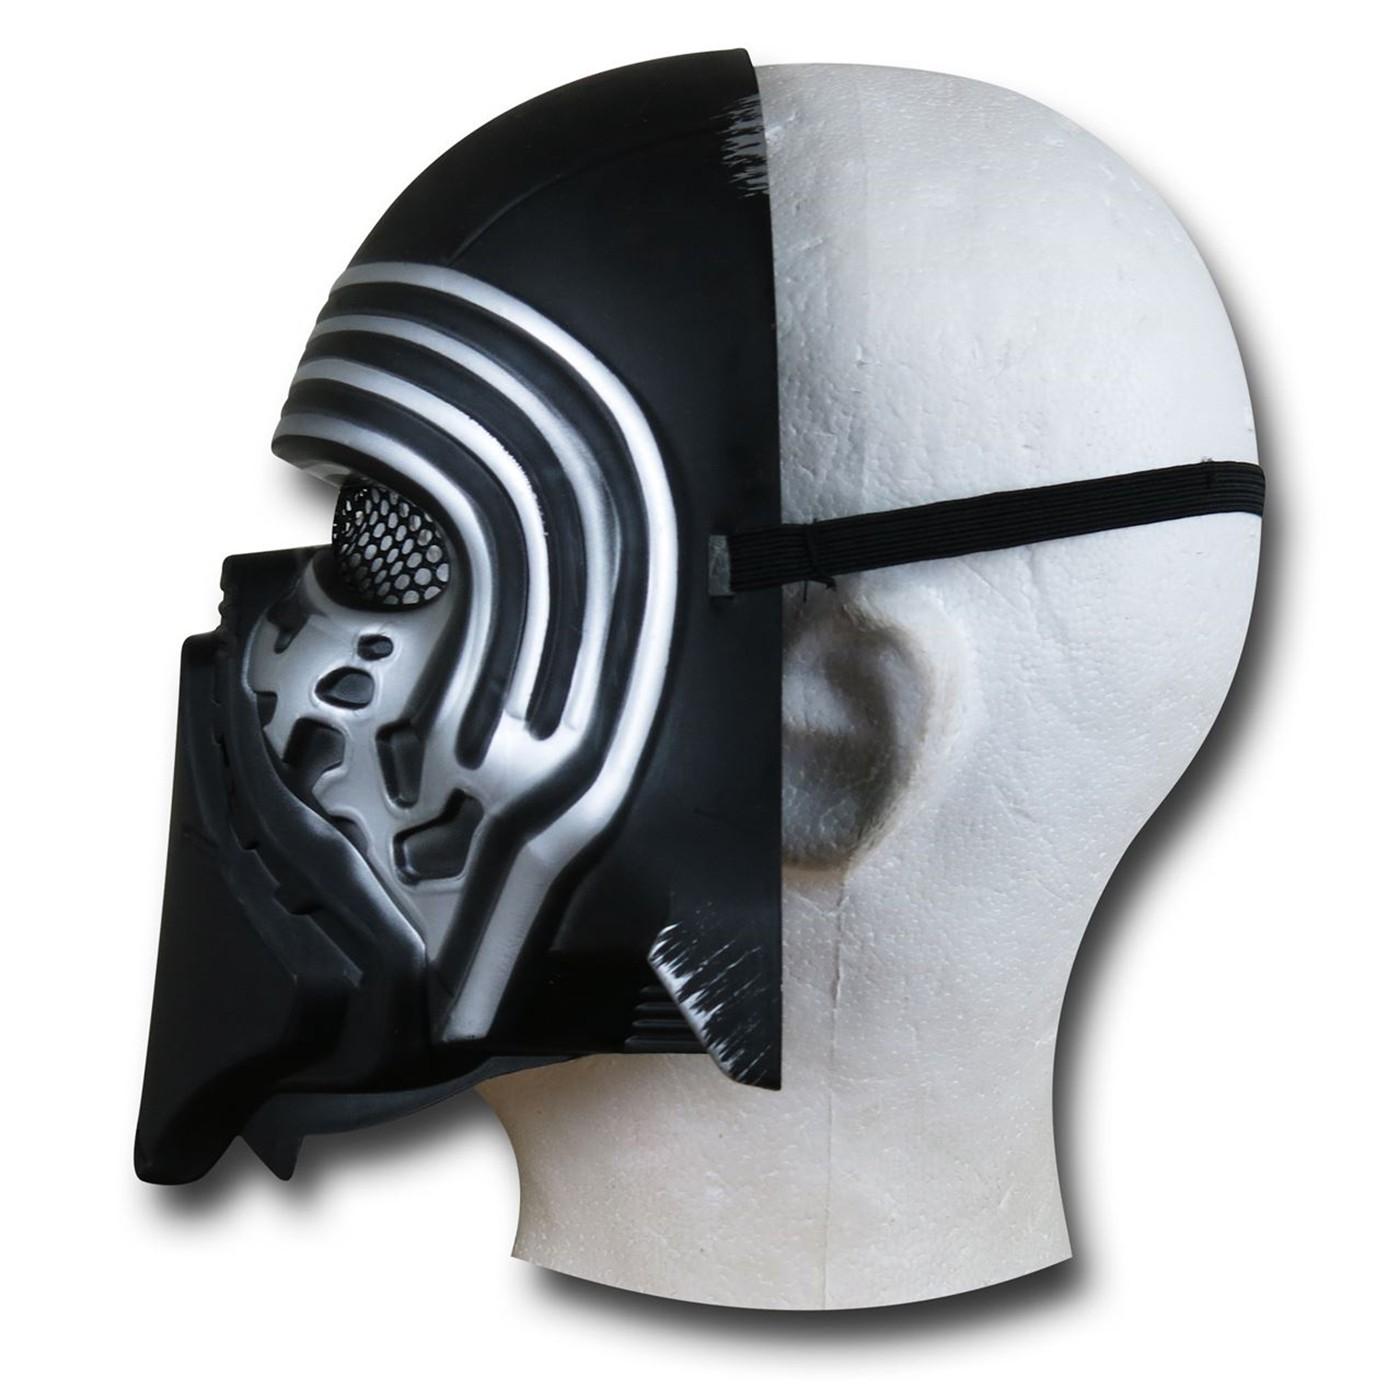 Star Wars Force Awakens Kylo Ren Mask